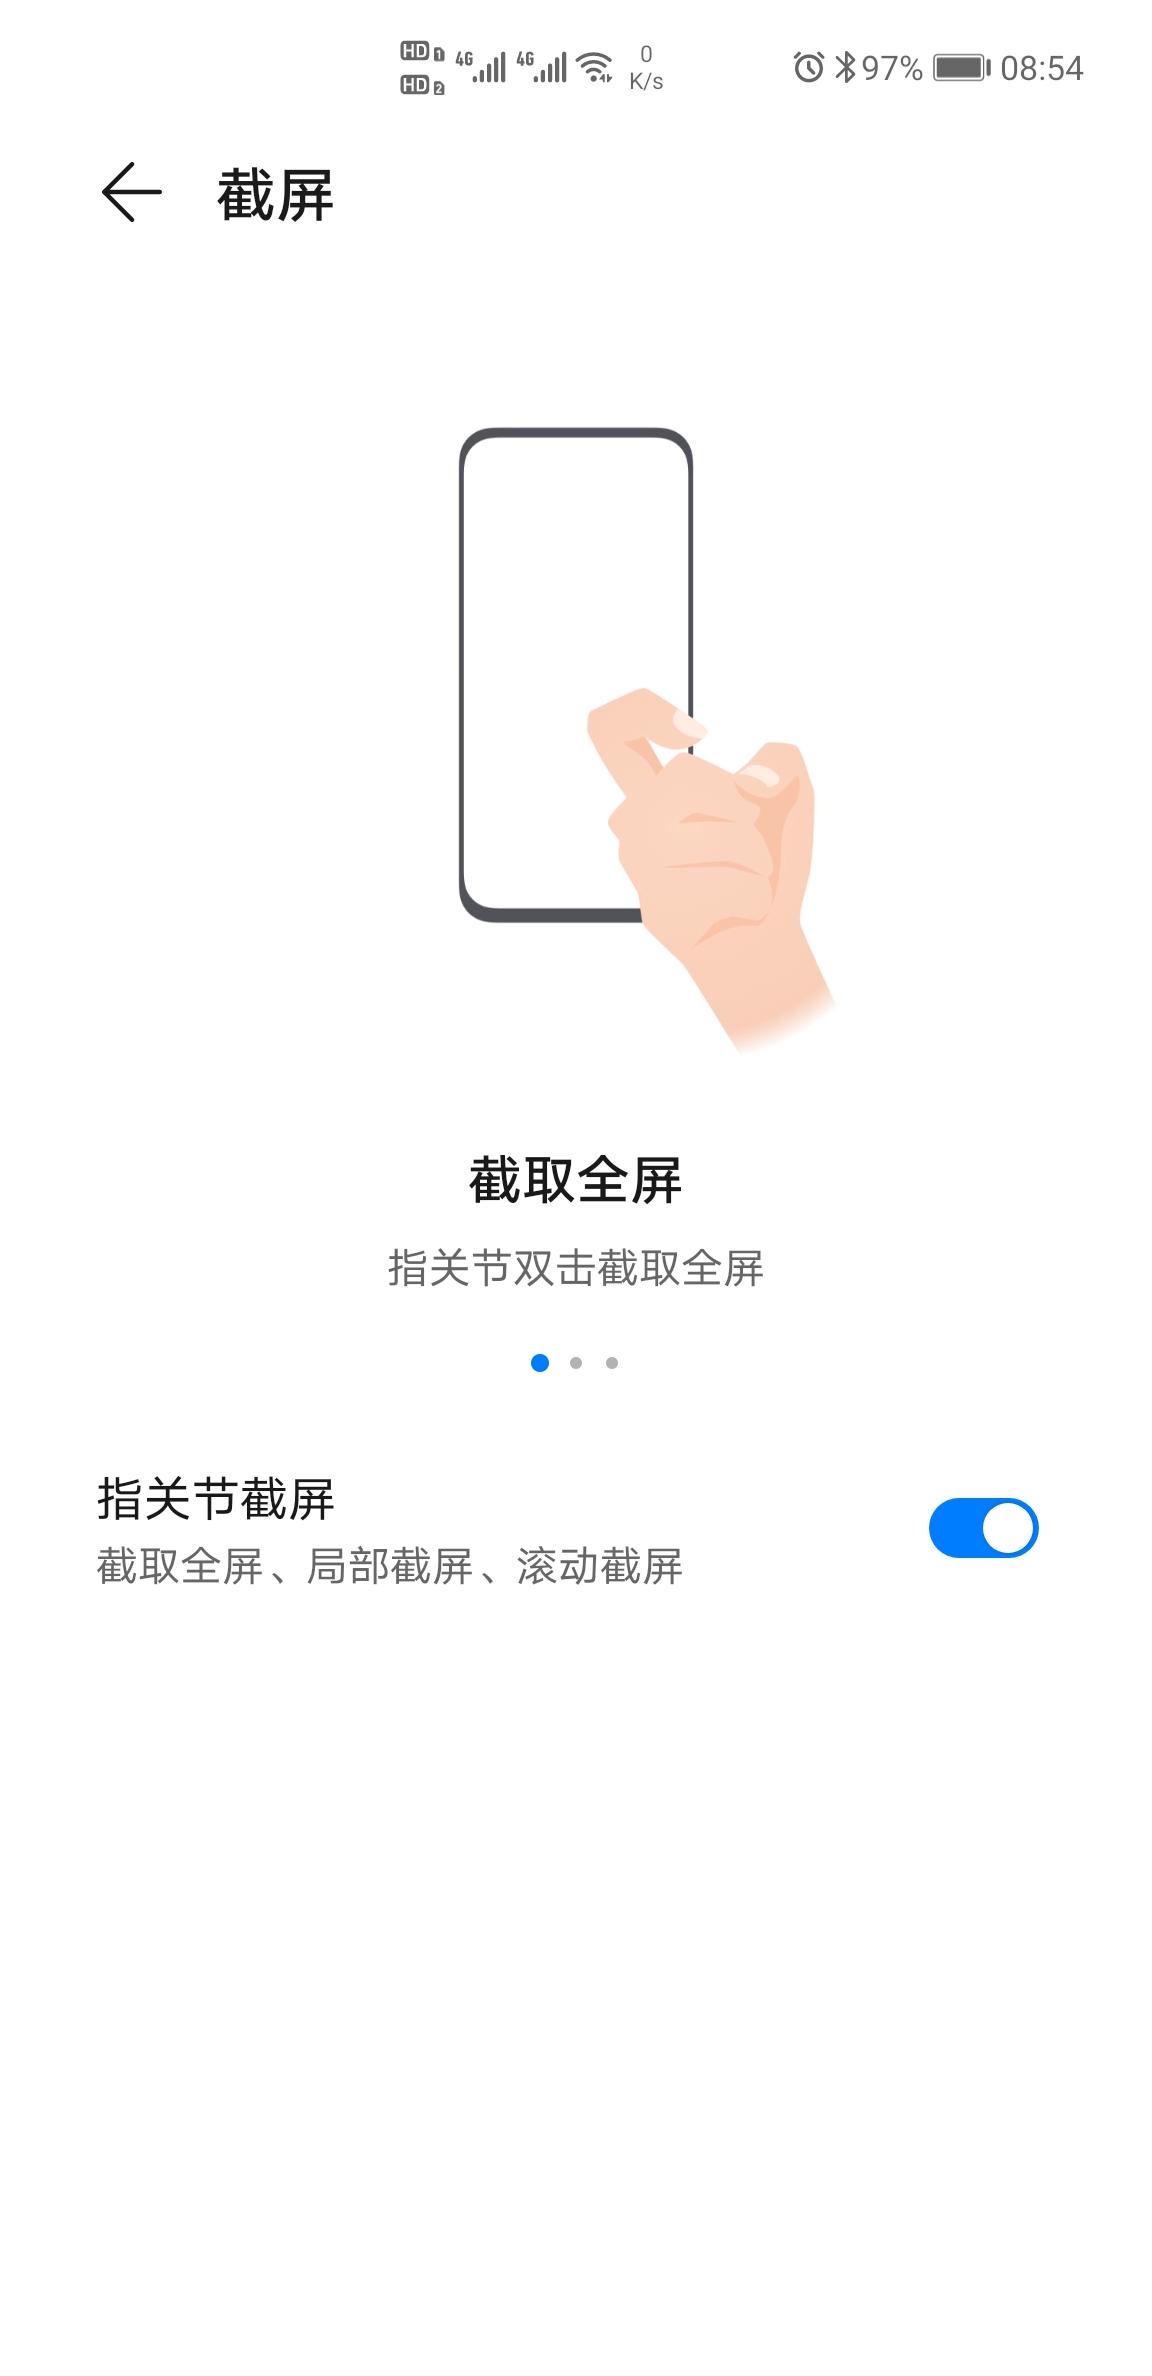 华为手机怎么滚动截屏(手机超长滚动截屏软件)